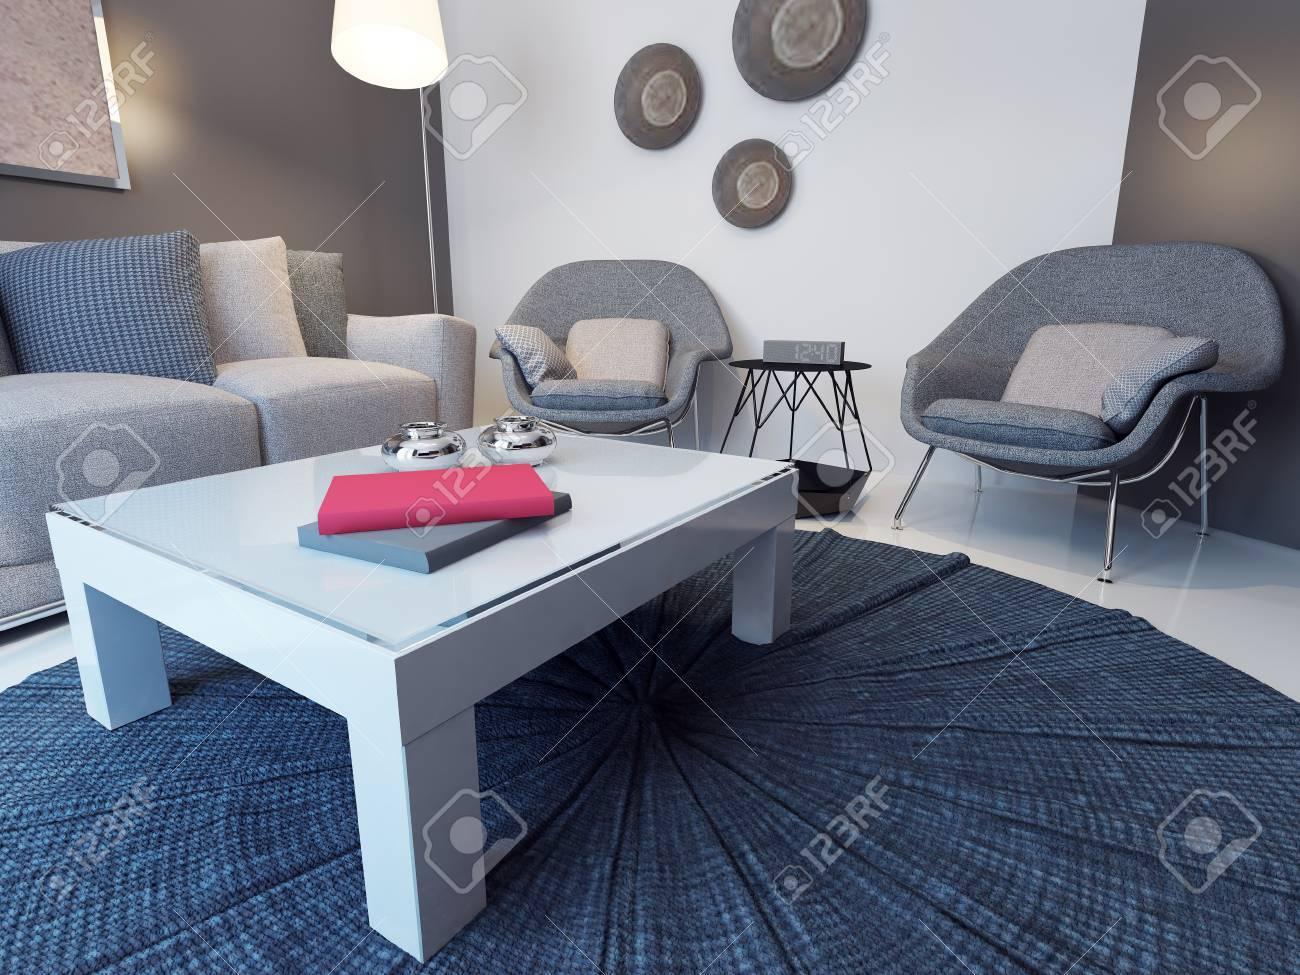 Idee Der Minimalistischen Lounge. 3D übertragen Lizenzfreie Fotos ...